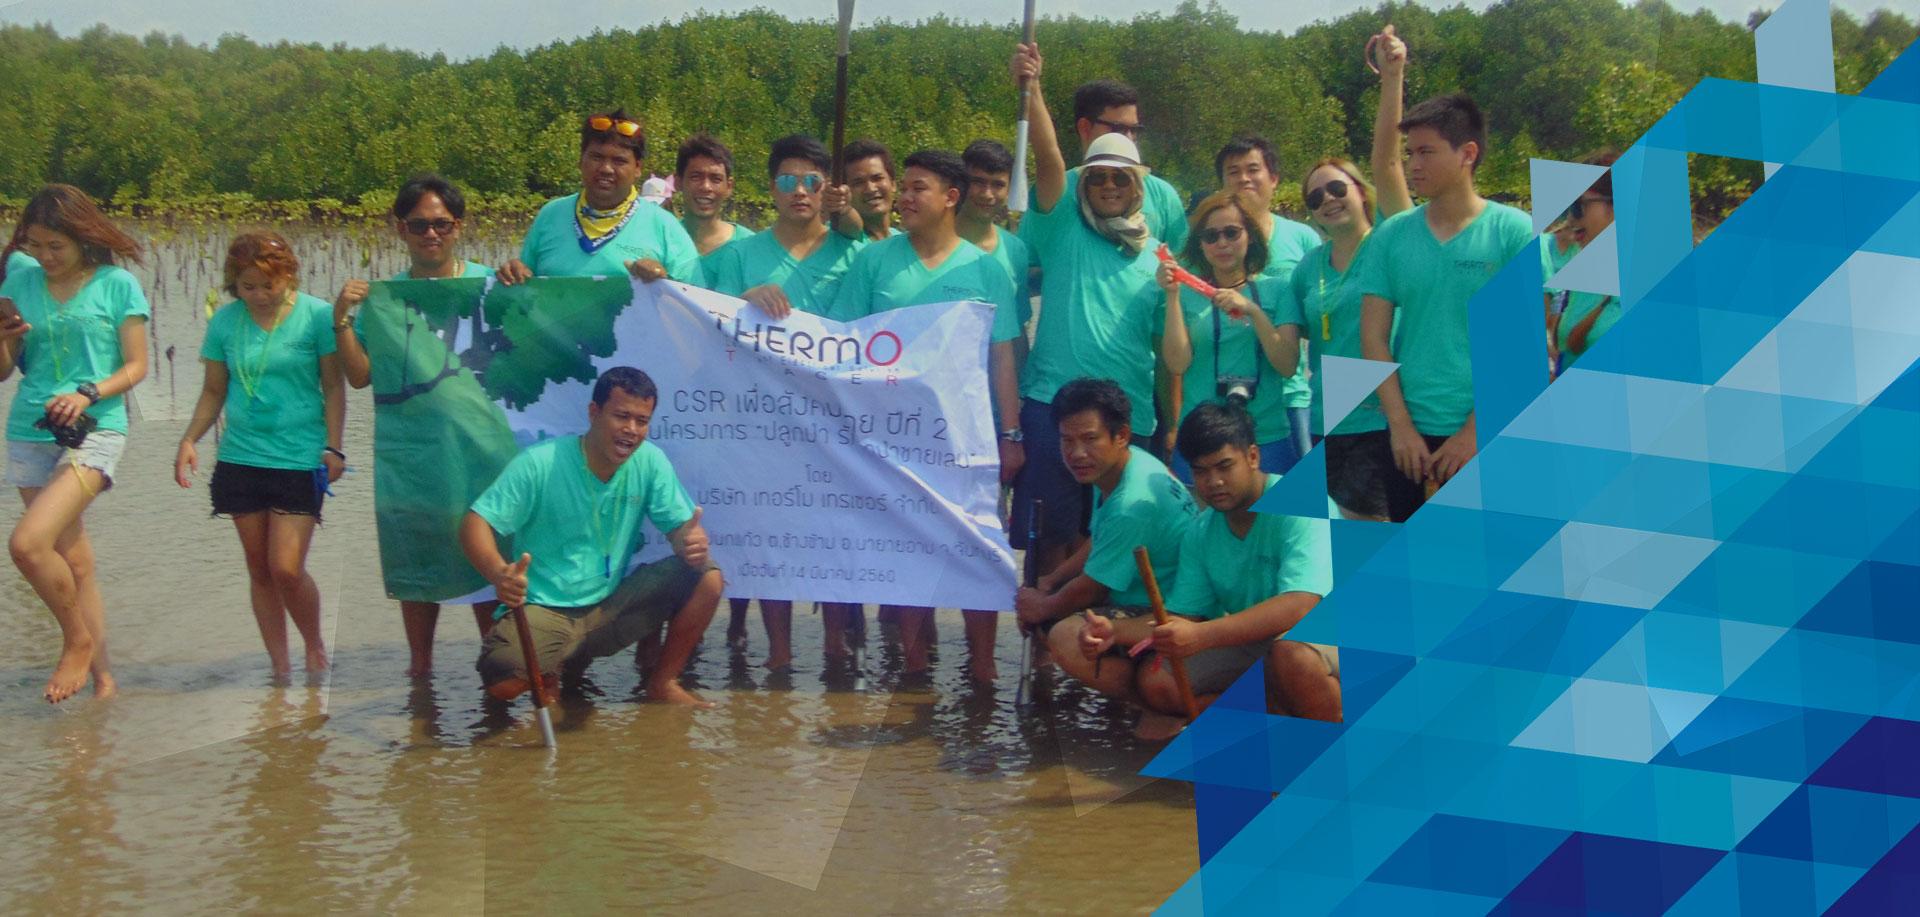 กิจกรรมเพื่อสังคมไทย ครั้งที่ 2 ในโครงการ ปลูกป่า รักษาป่าชายเลน